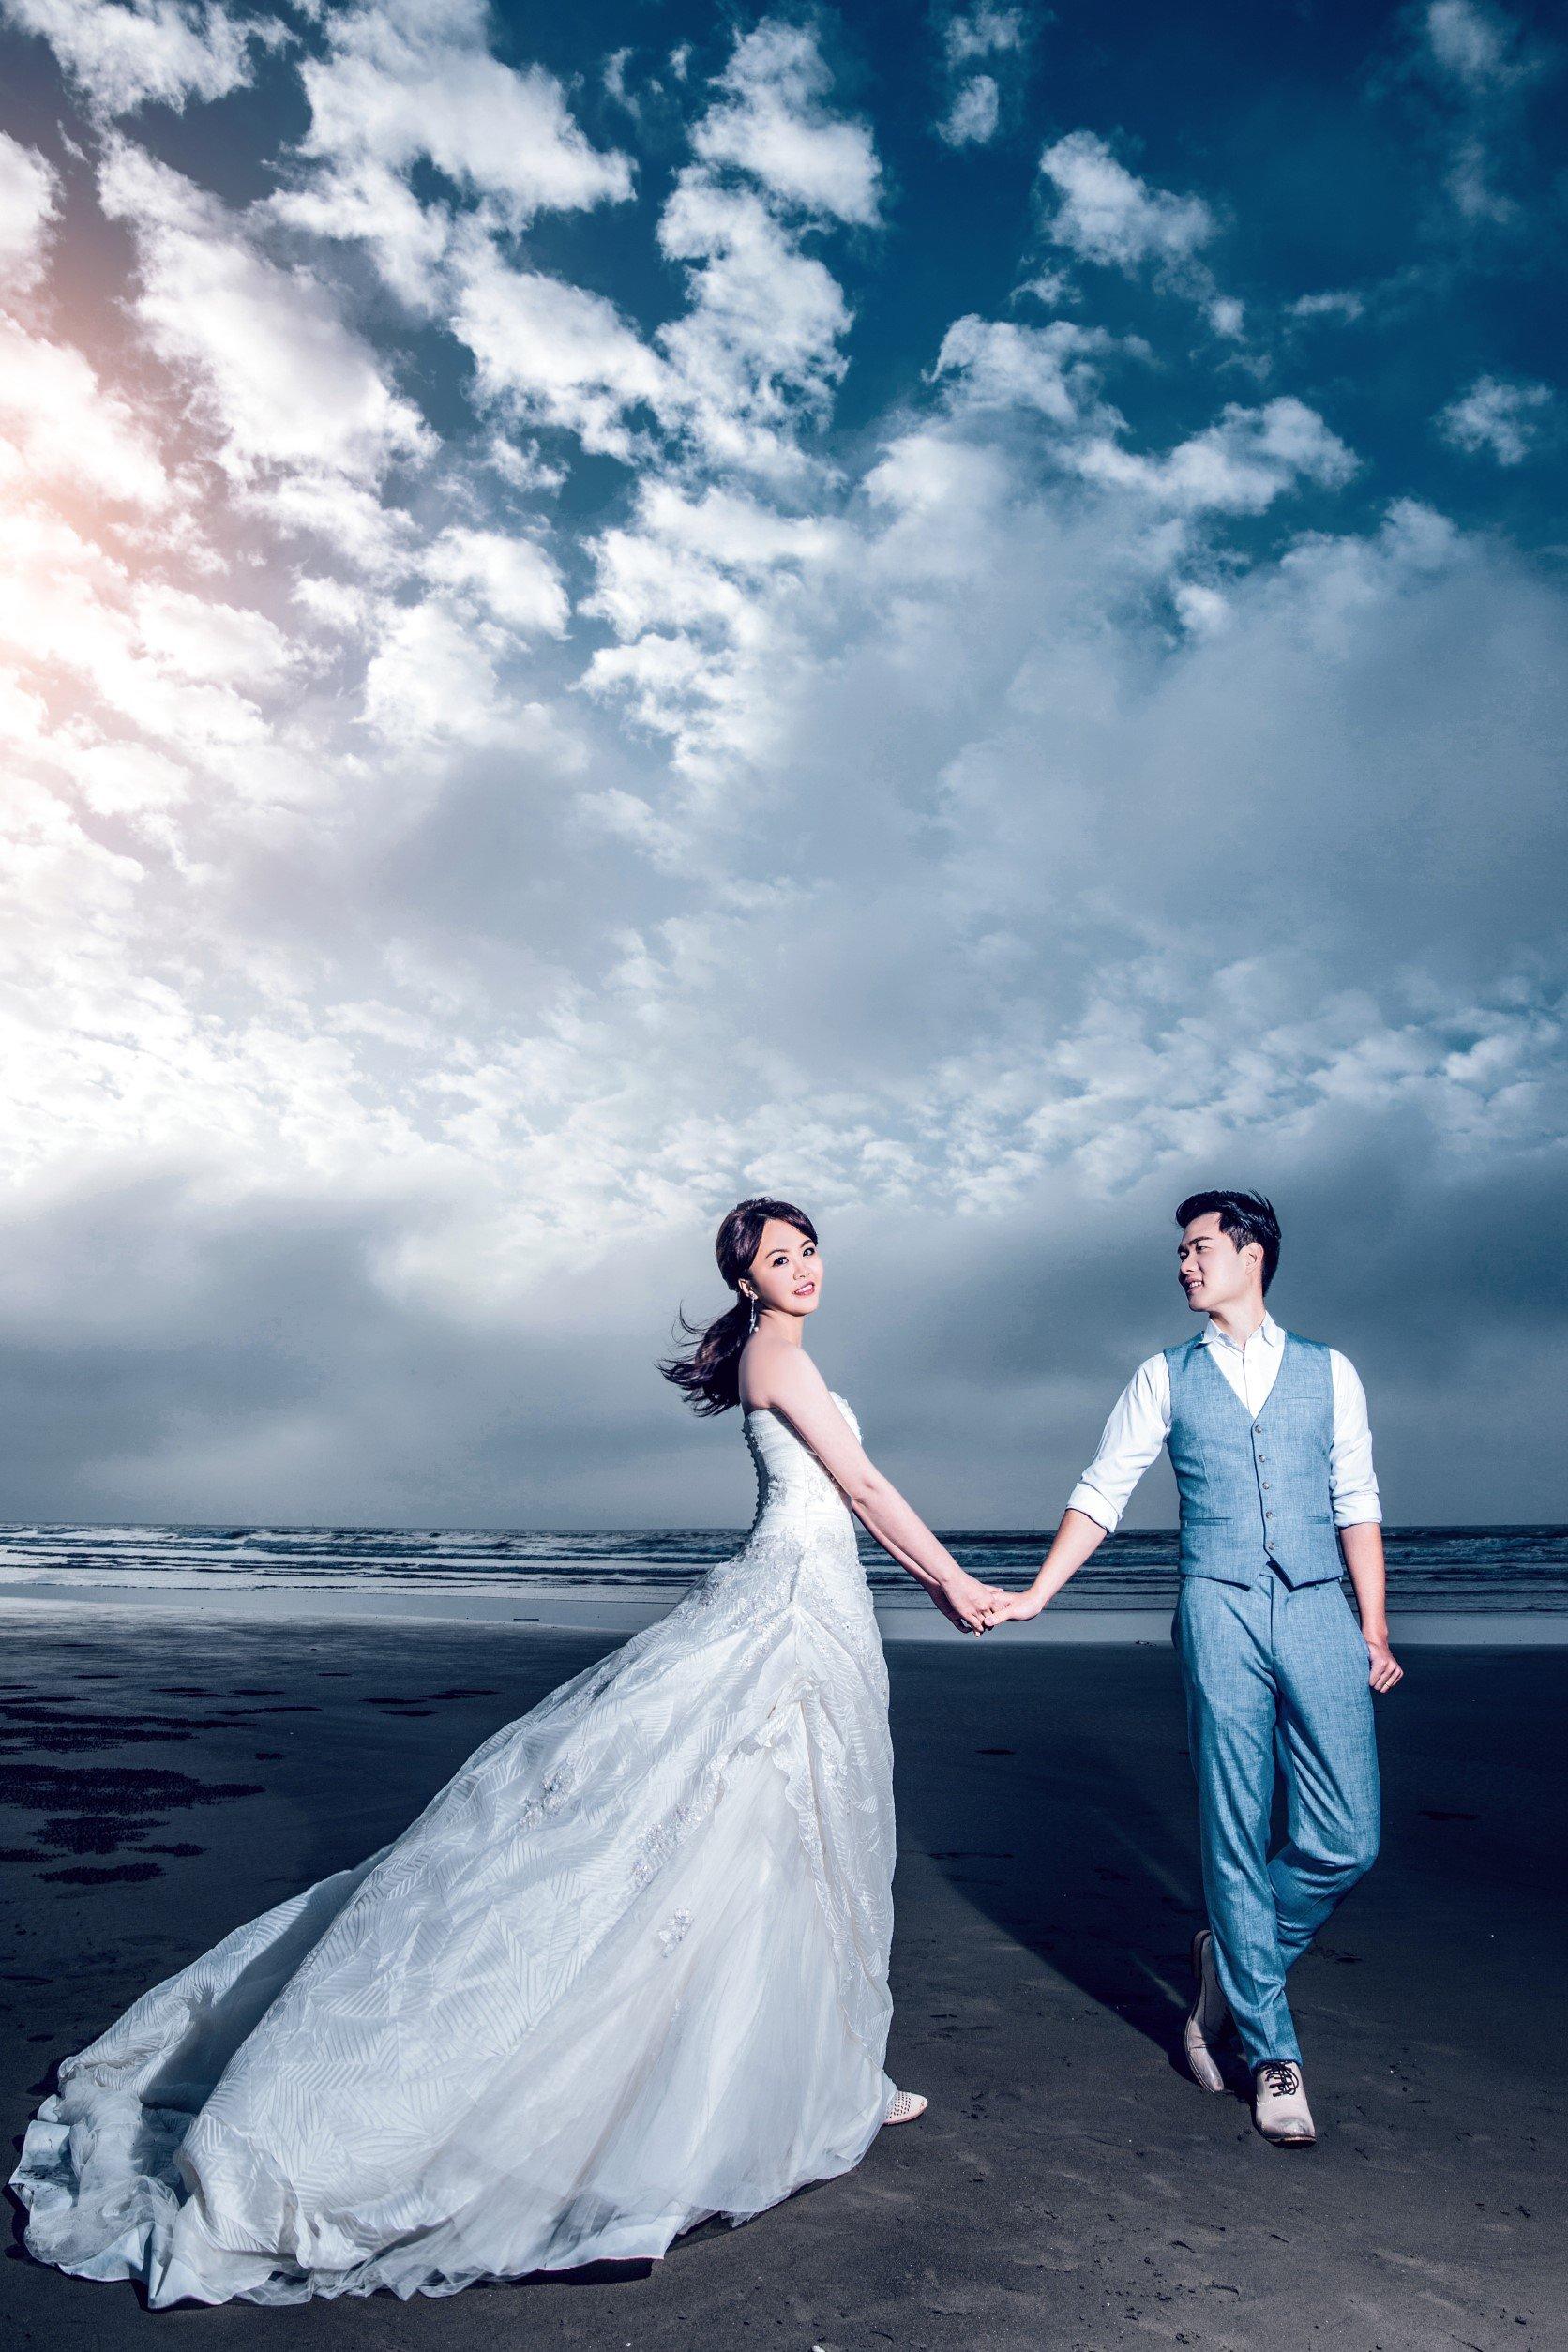 嘉義紐約紐約婚紗 攝影-拍照心得分享2